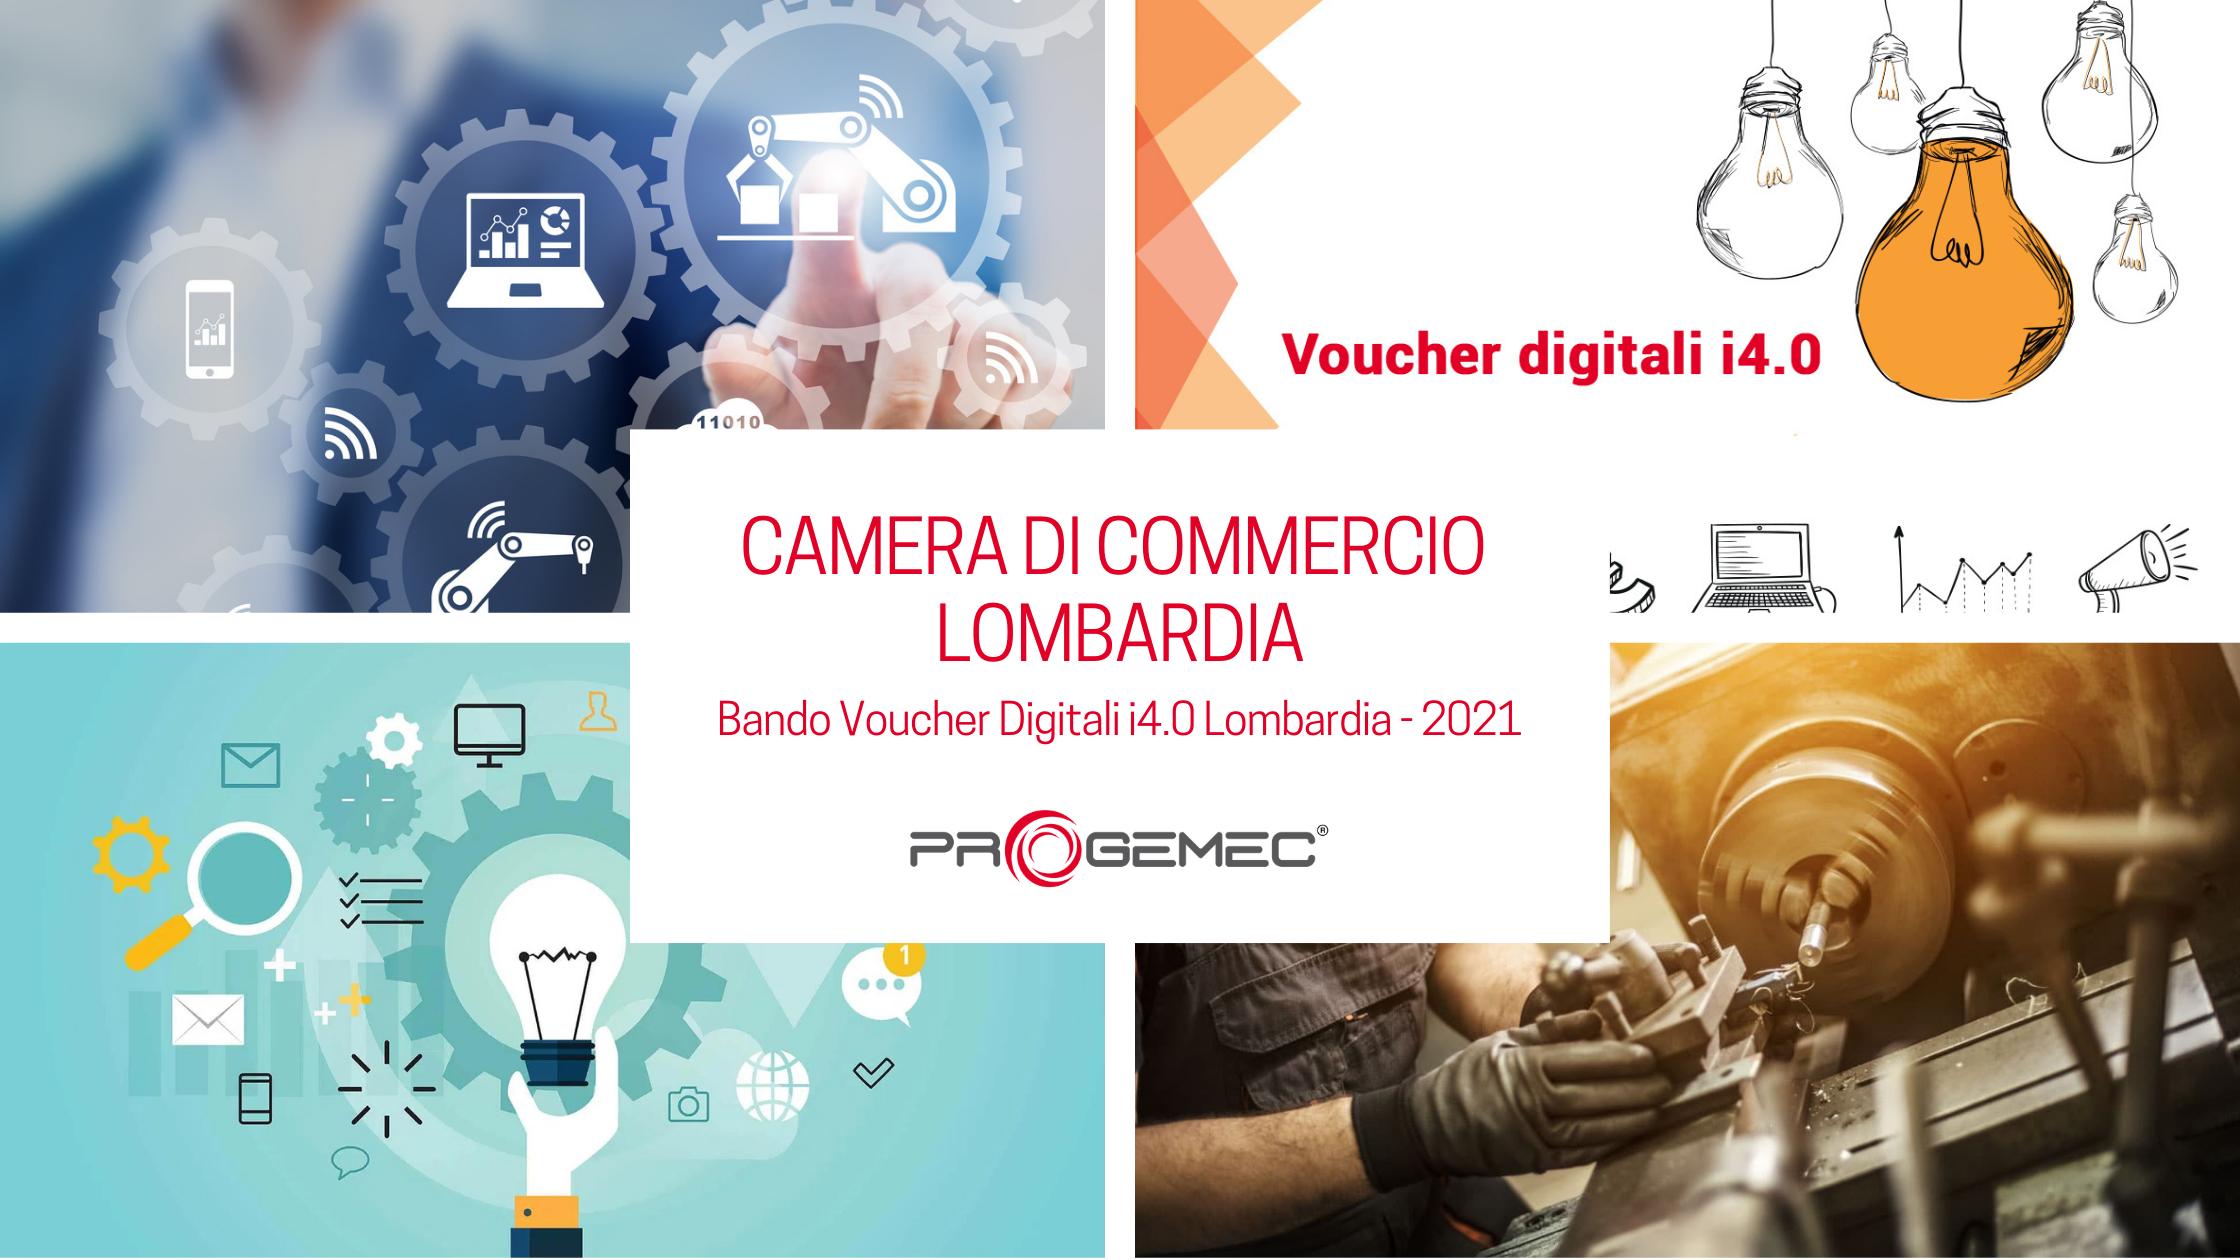 Bando Voucher Digitali i4.0